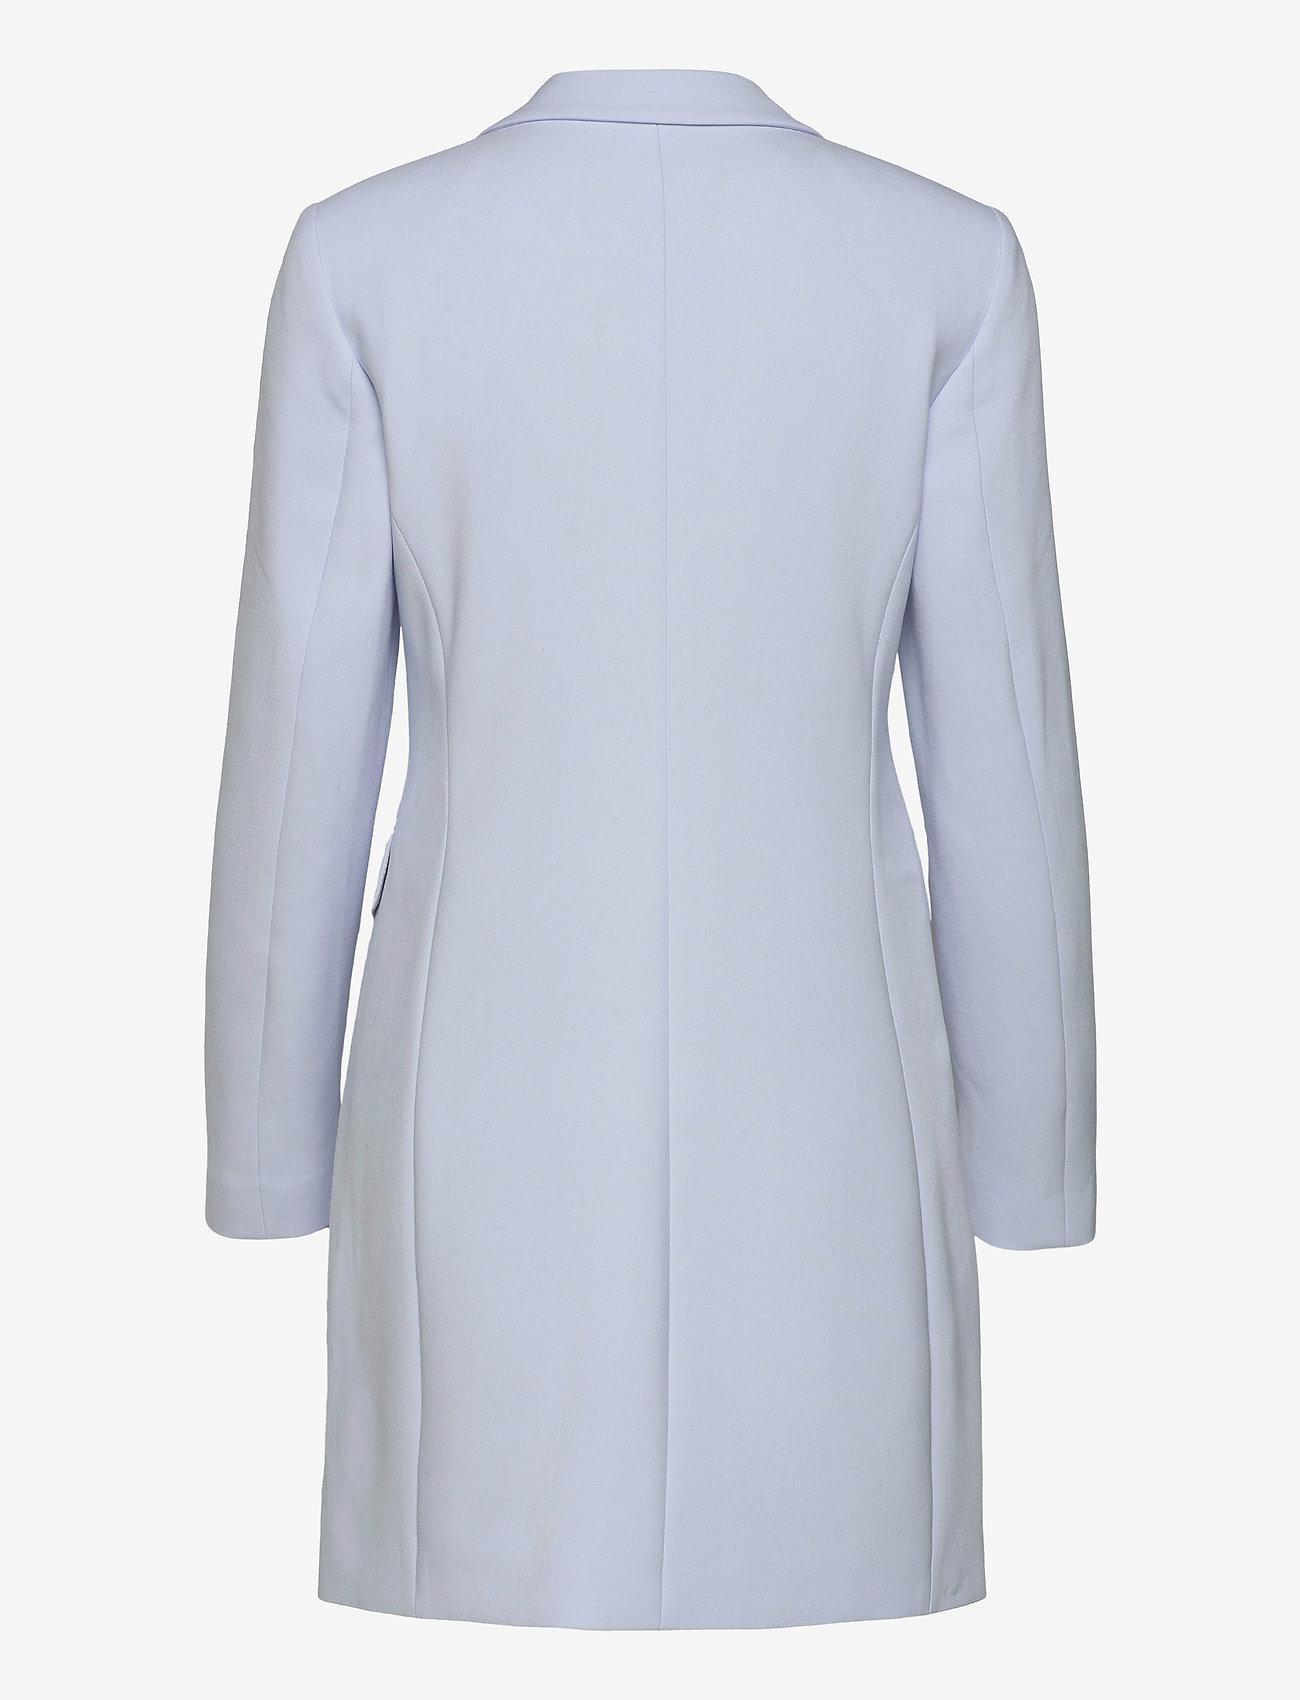 SAND - 3596 - Keiko Dress - dunne jassen - blue - 1